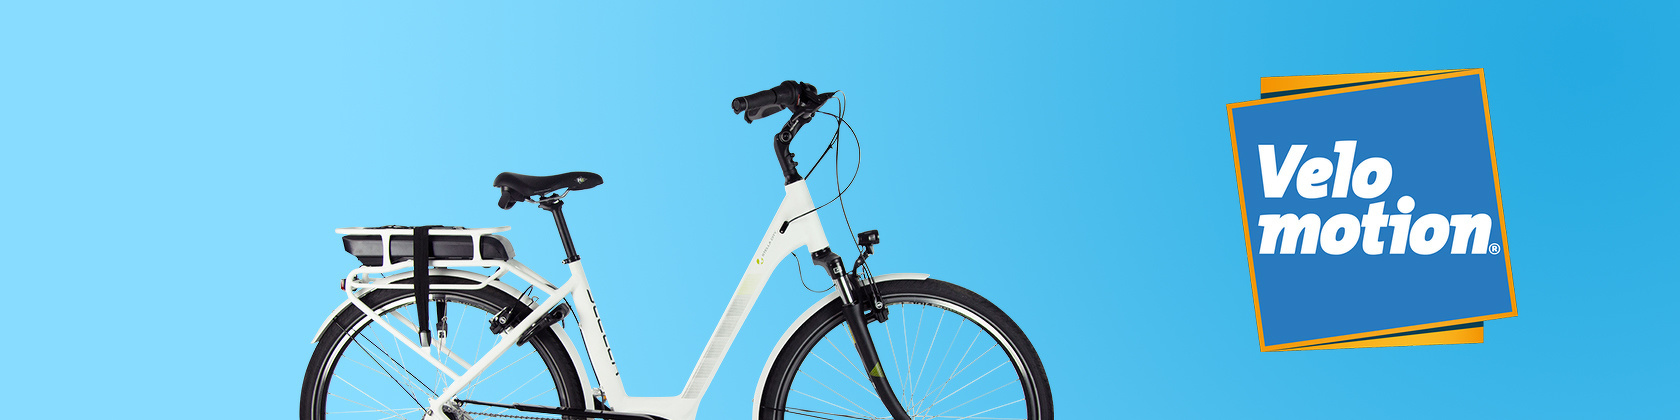 Velomotion E-Bike Test